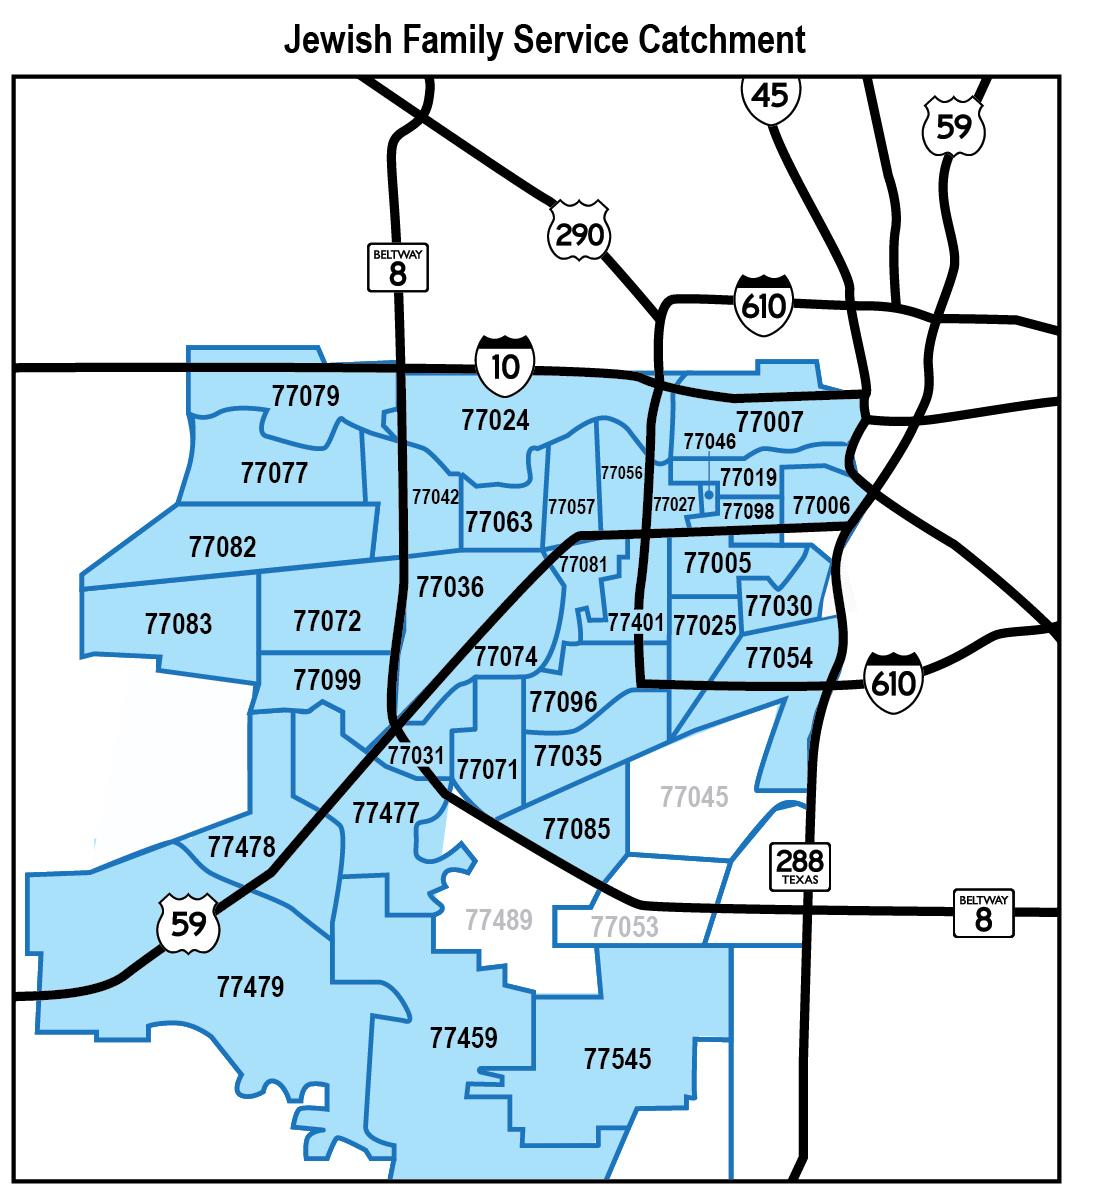 map of JFS catchment area